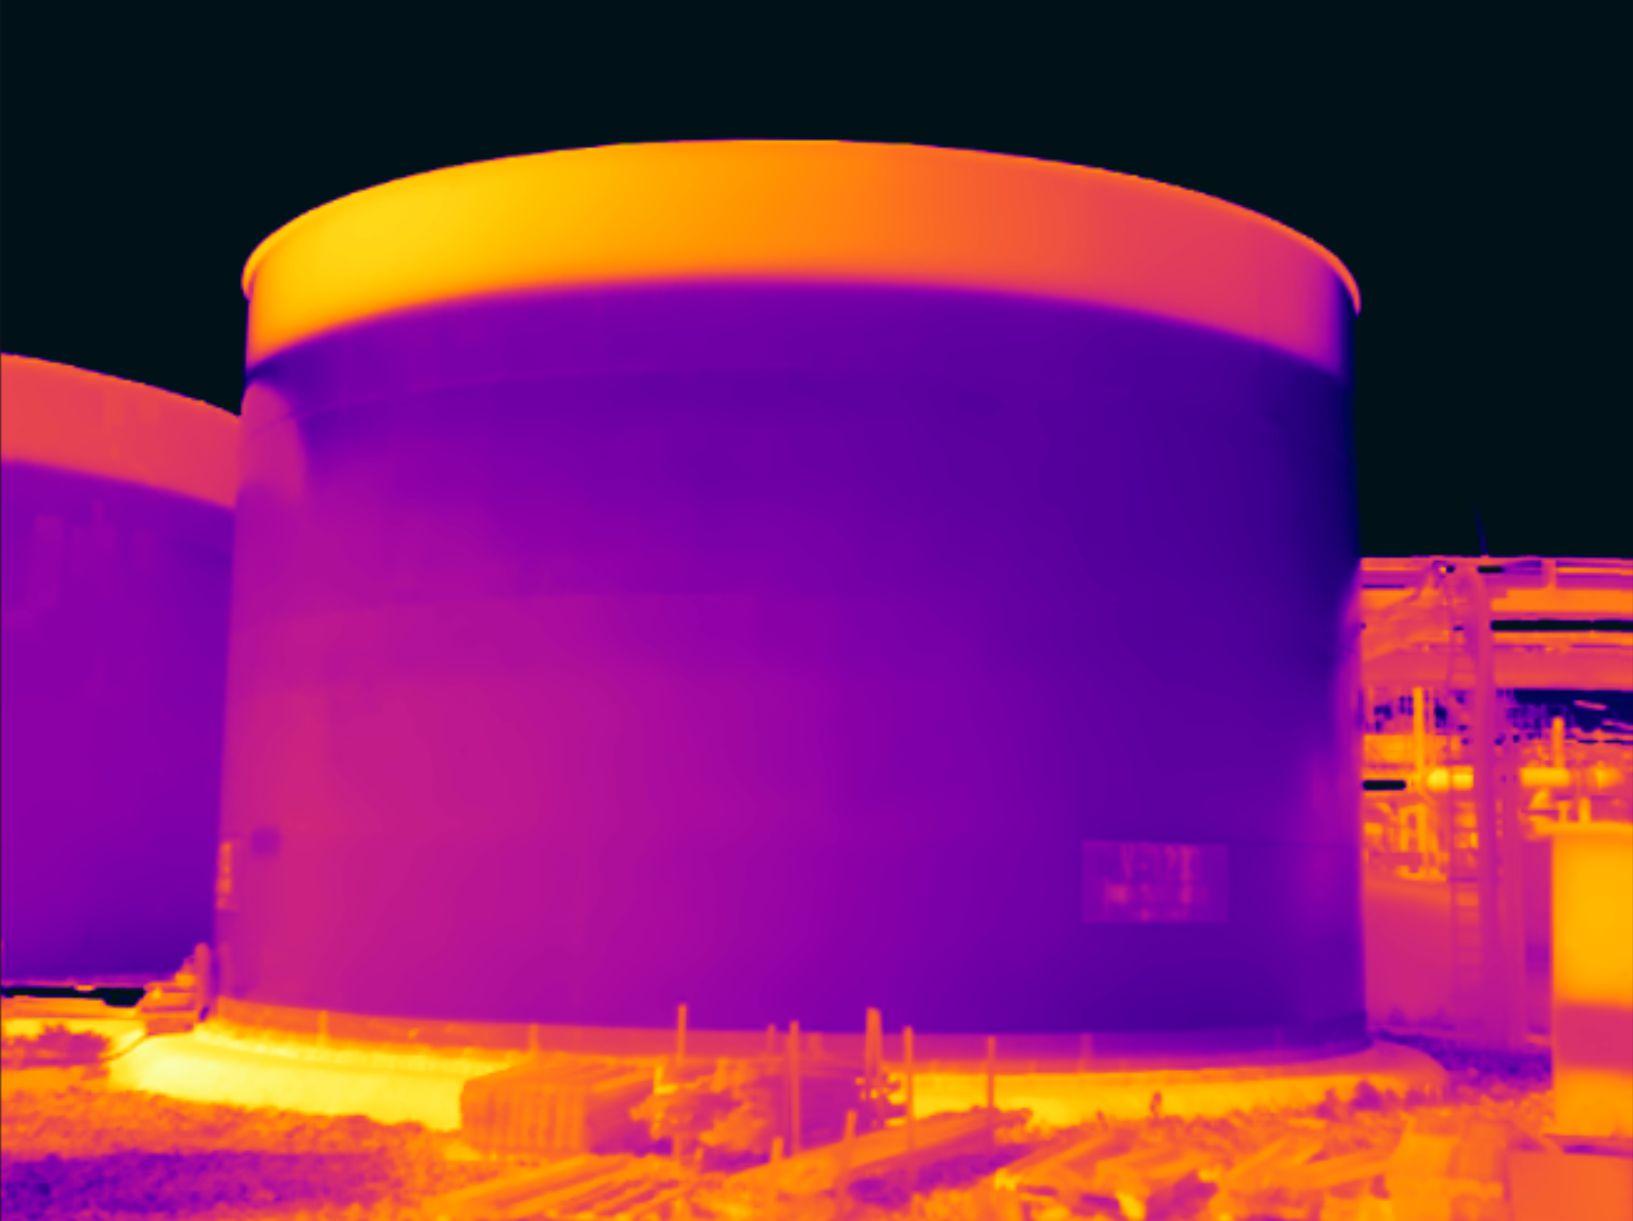 Diensten: Tankniveaumeting in de industrie met thermografie